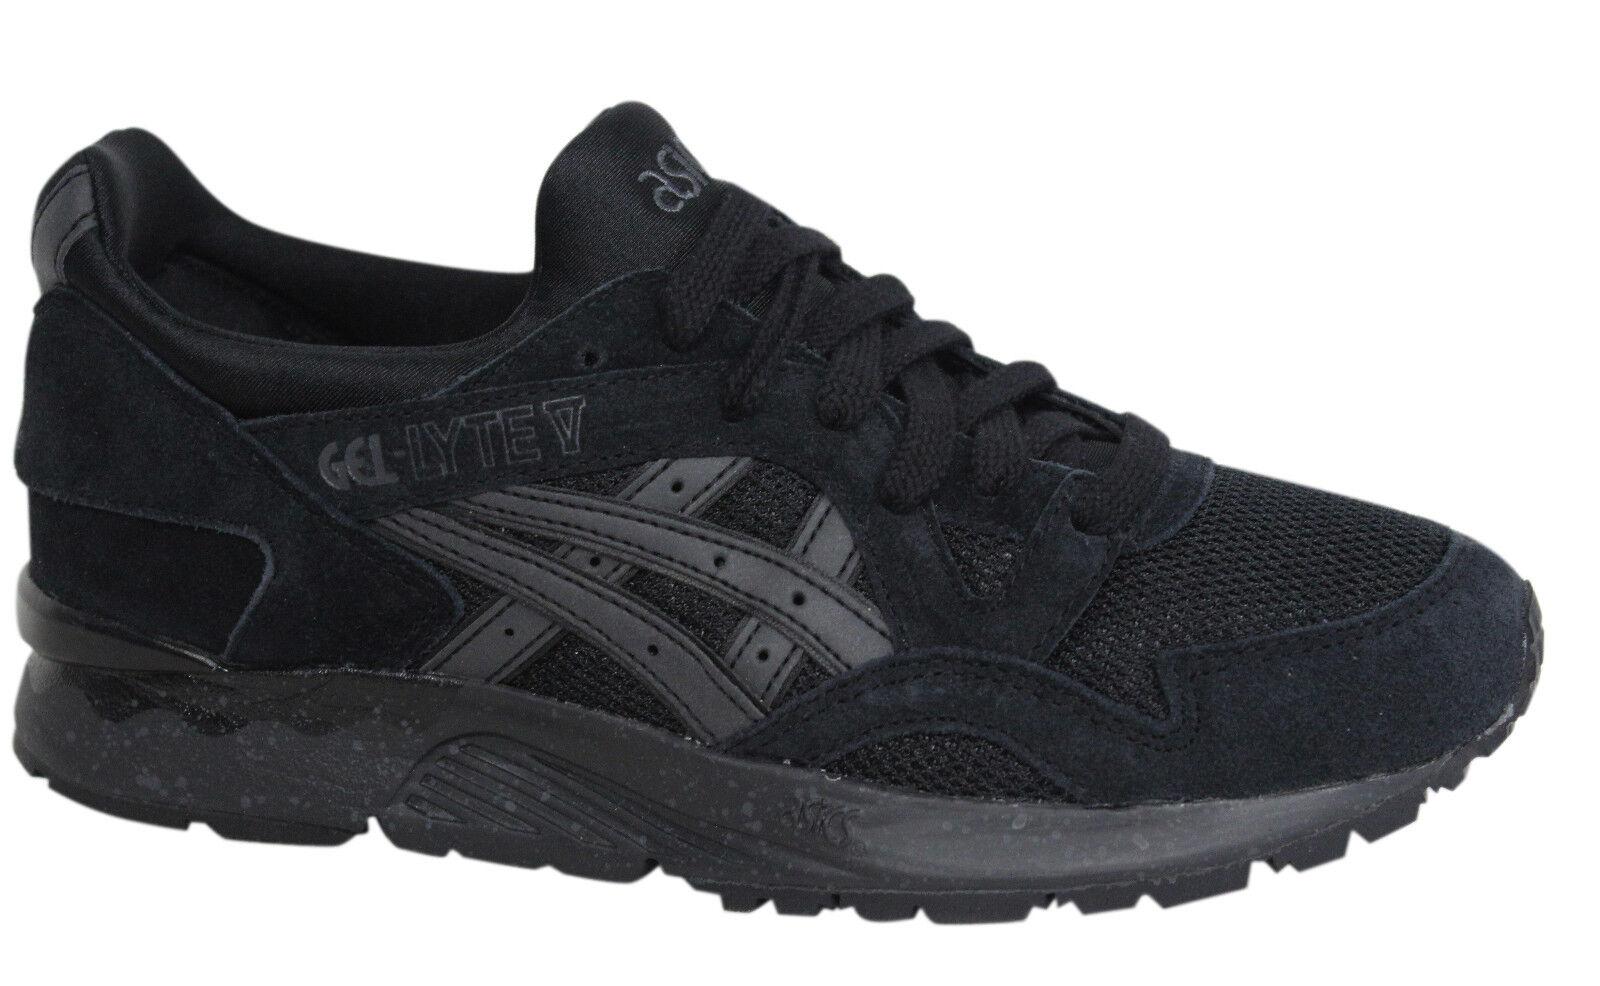 ASICS Gel-lyte V con lacci nero scarpe da ginnastica in pelle uomo H5R2N 9090 M9